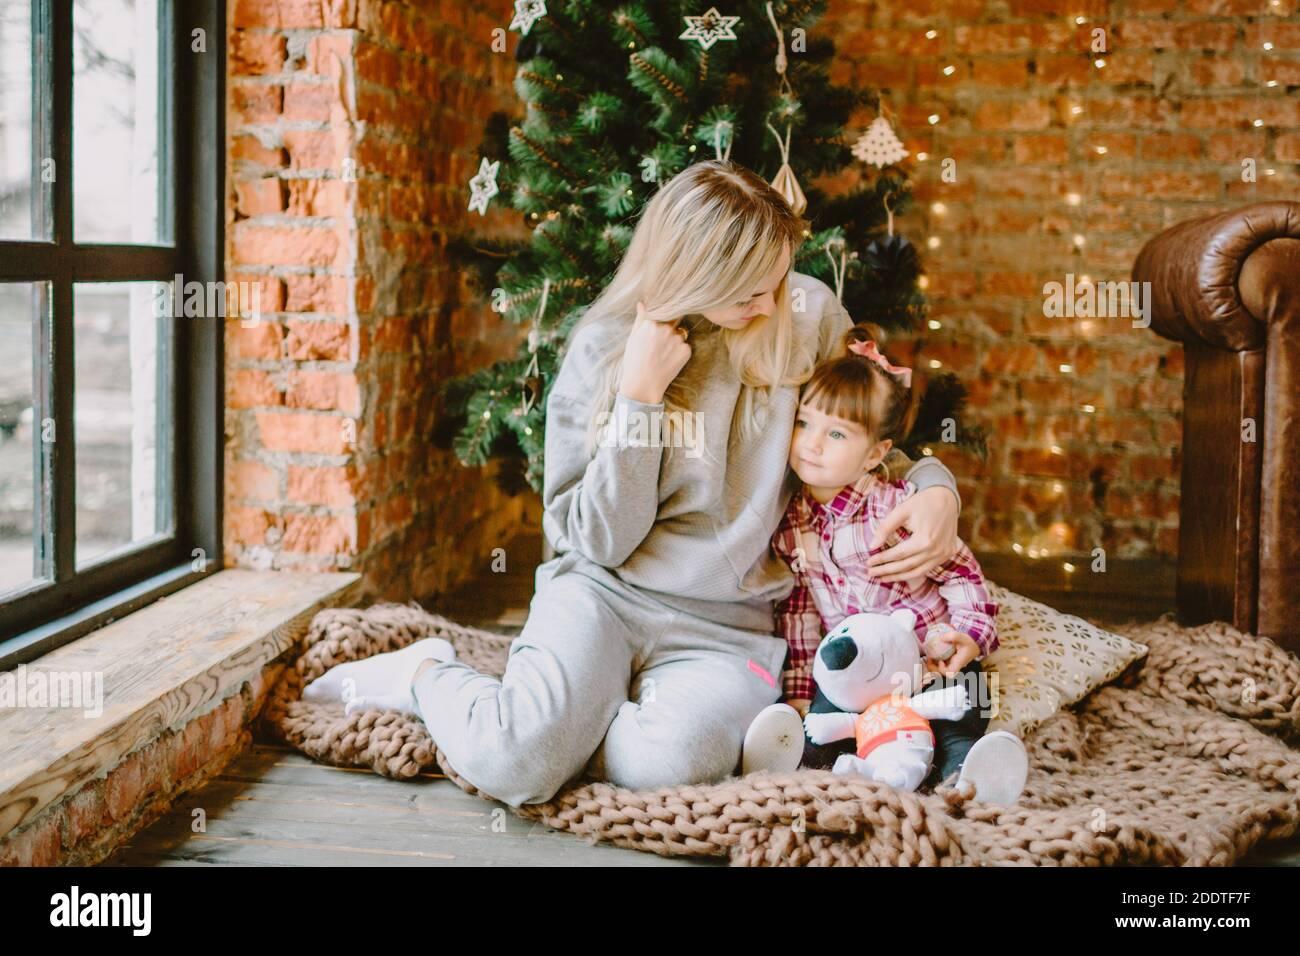 23 novembre 2020. Anapa, Russie. Fille Yong avec mère à l'intérieur de Noël. Vacances d'hiver. Banque D'Images